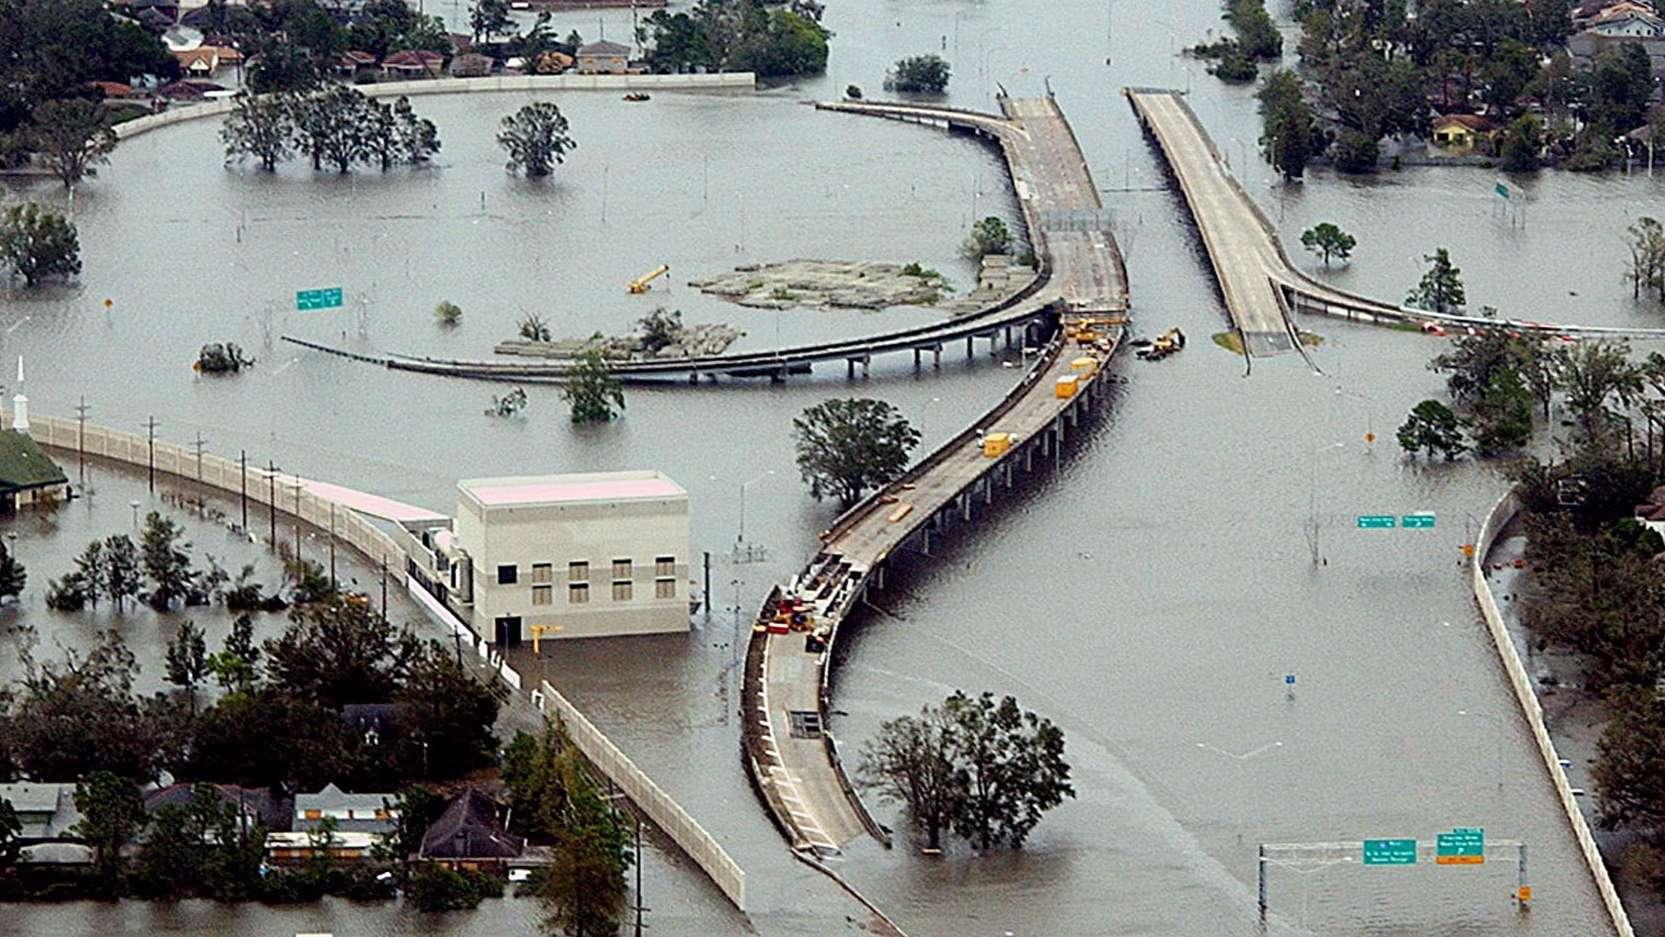 New Orleans im August 2005 nach Hurrikan Katrina